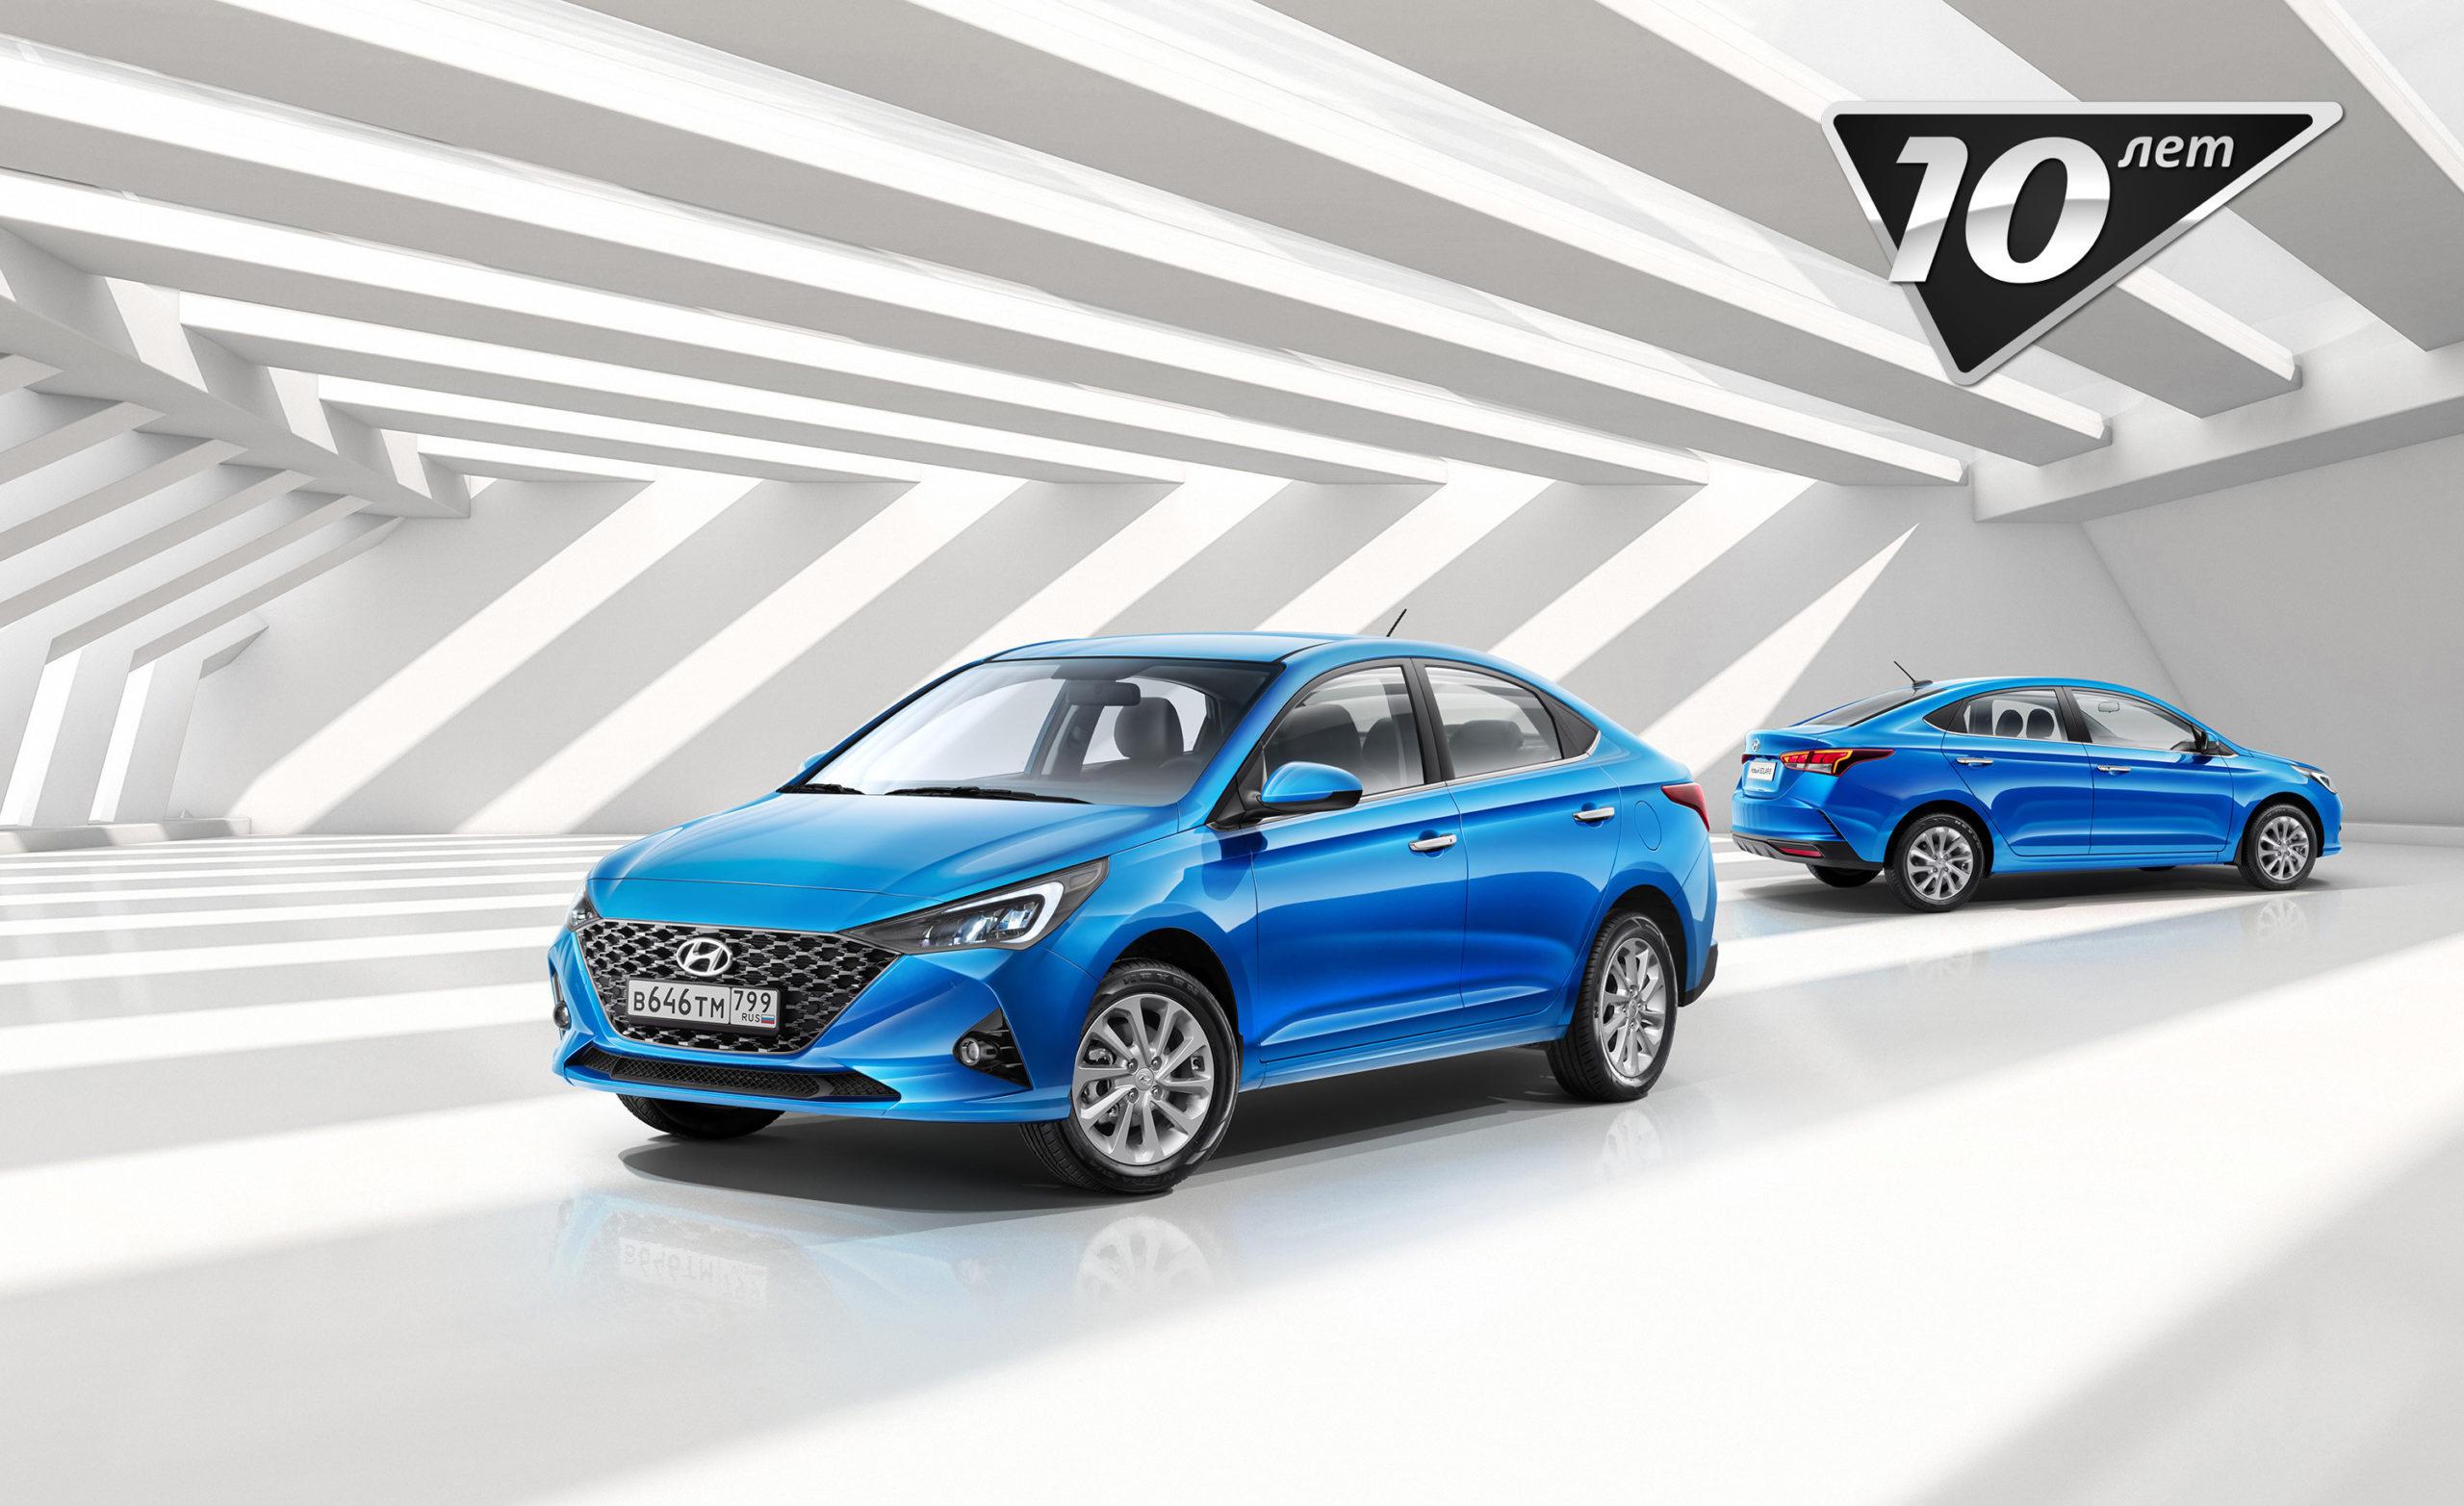 Hyundai начинает продажи юбилейной версии Solaris